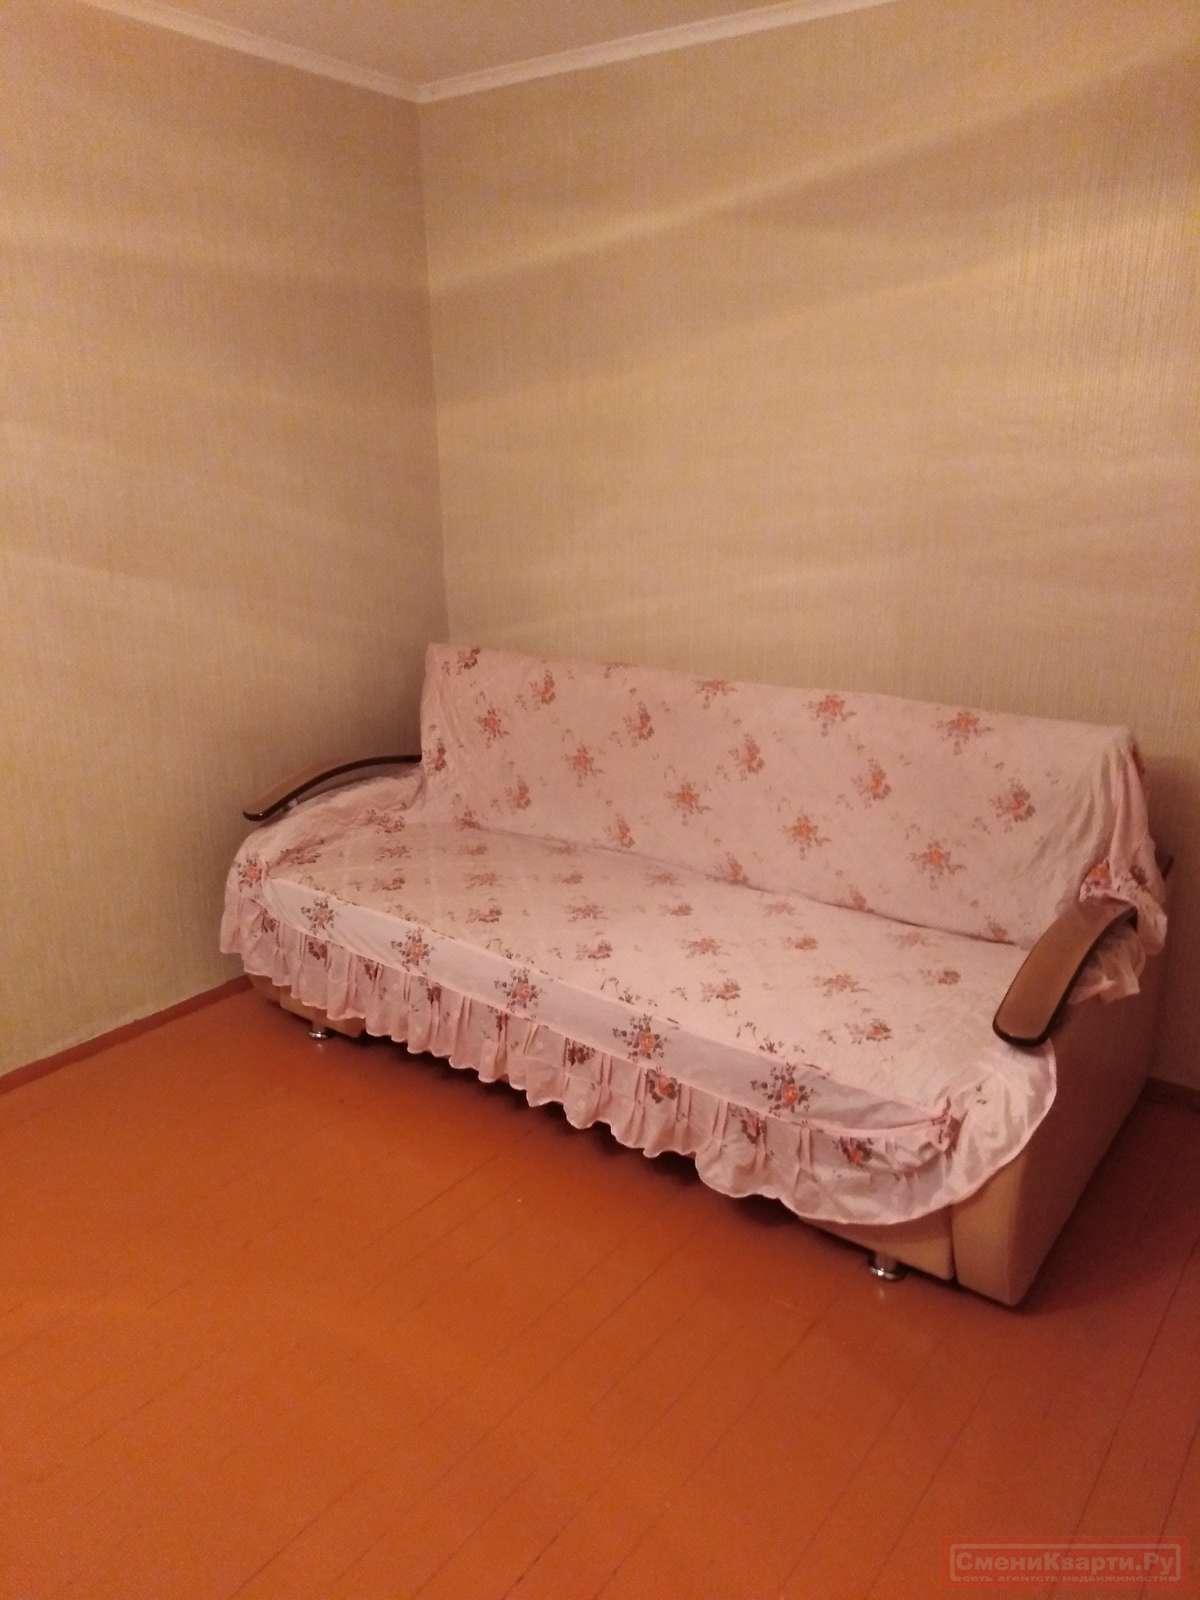 Аренда 2-комнатной квартиры, г. Тольятти, Лизы Чайкиной улица  дом 27